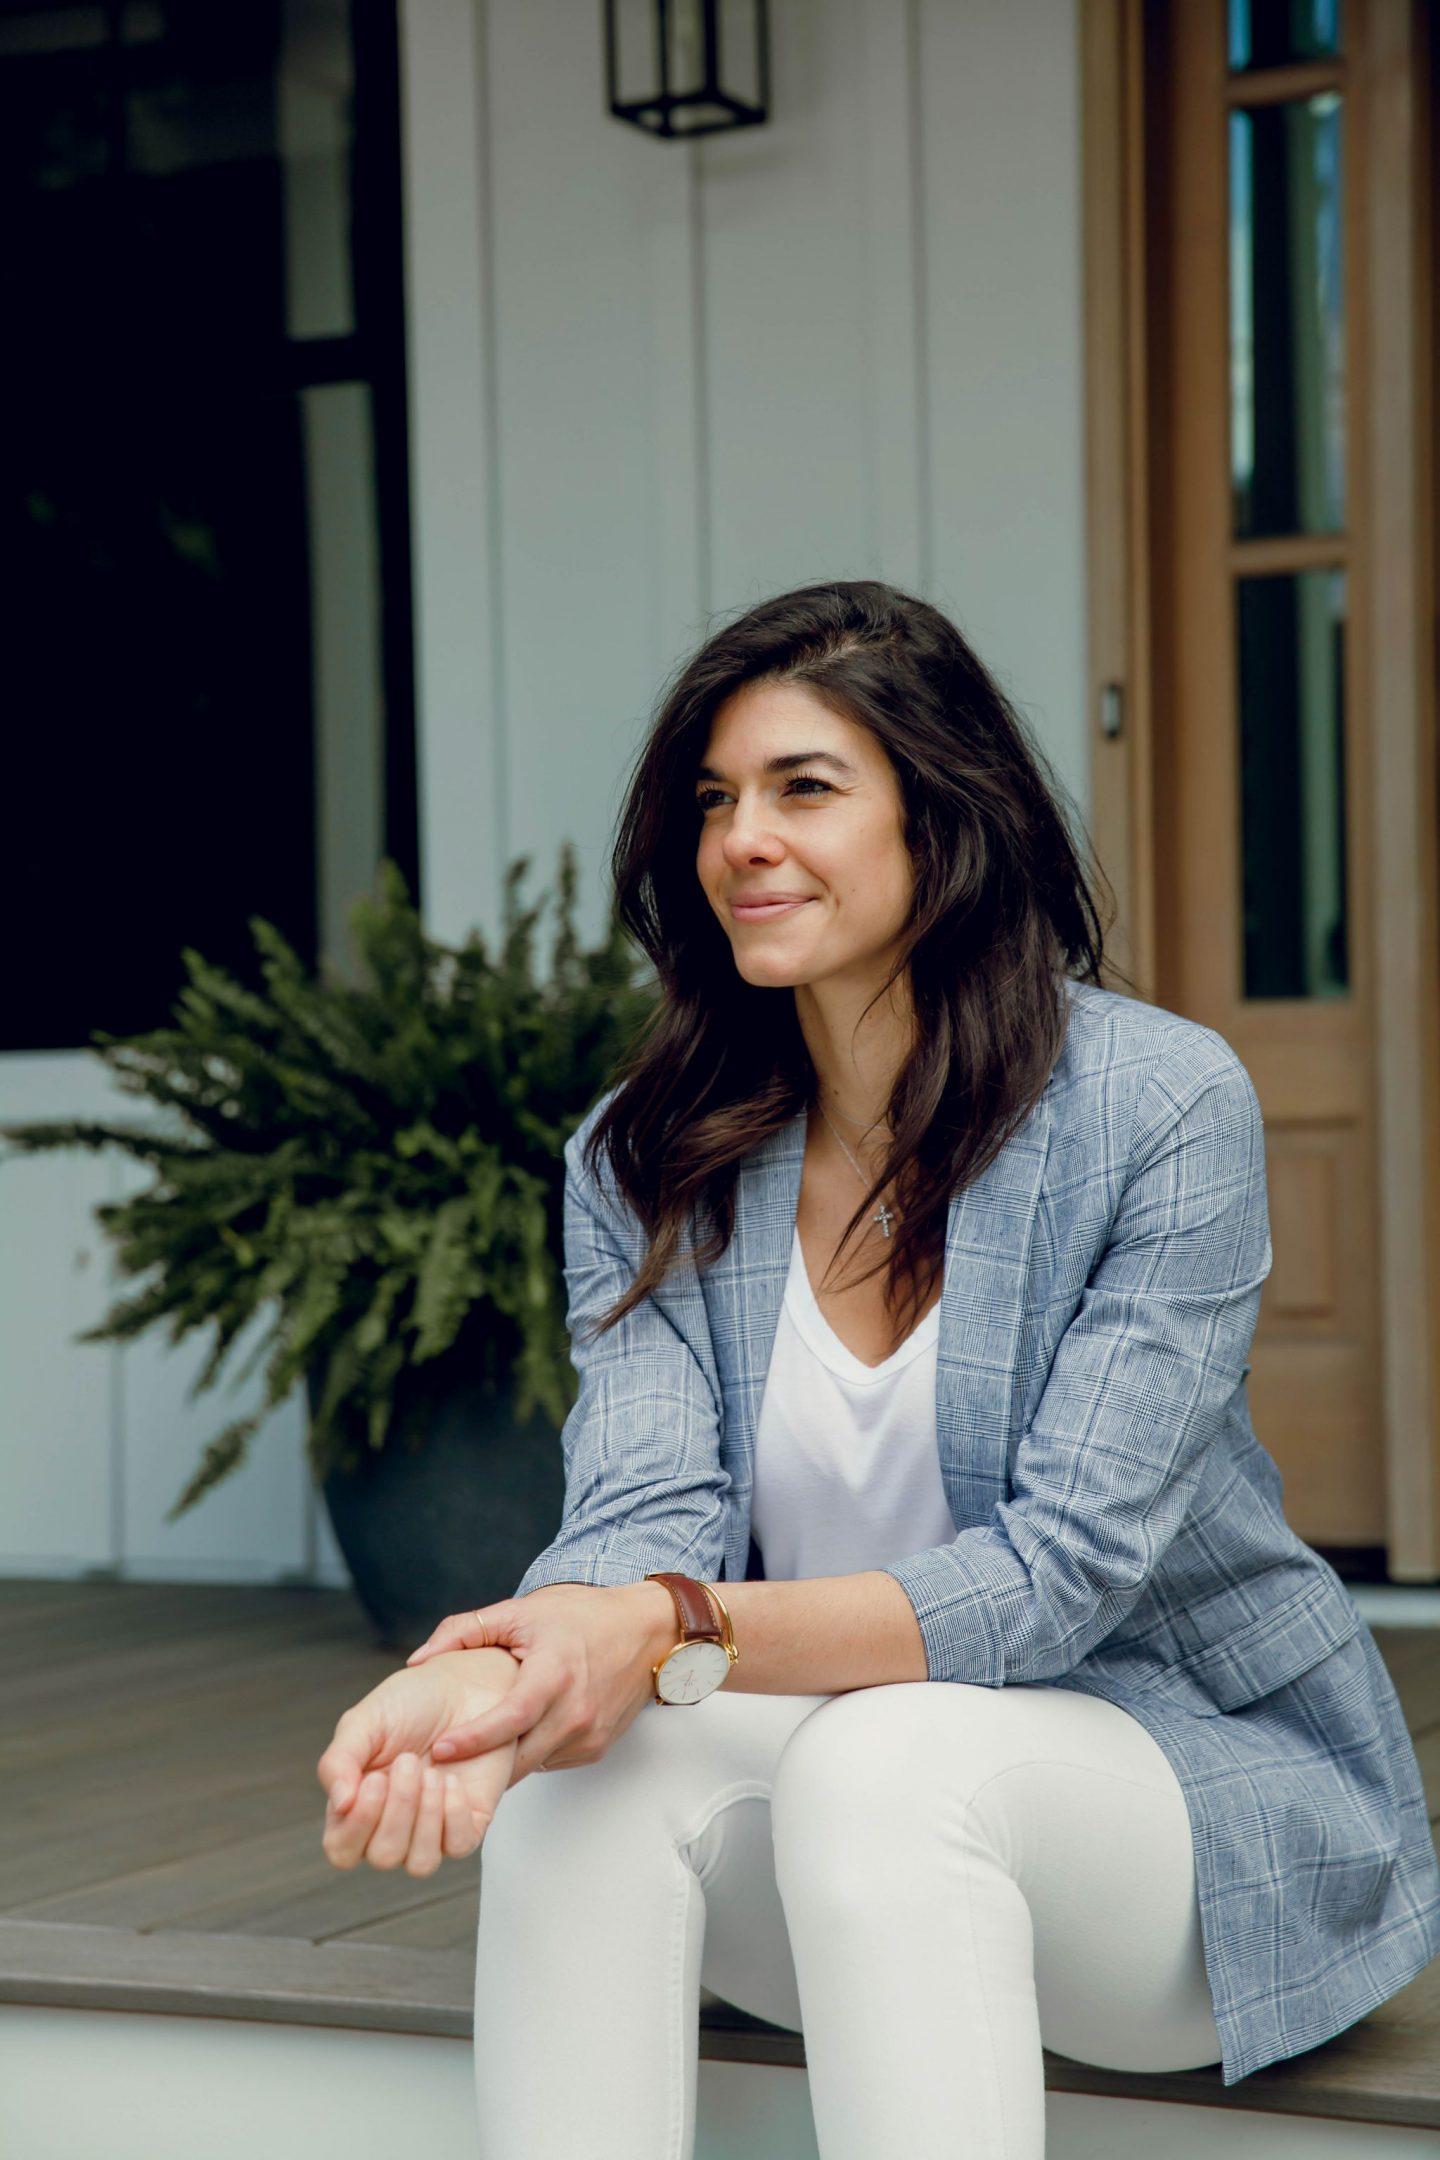 chic workwear - plaid blazer - Lauren Schwaiger style blog